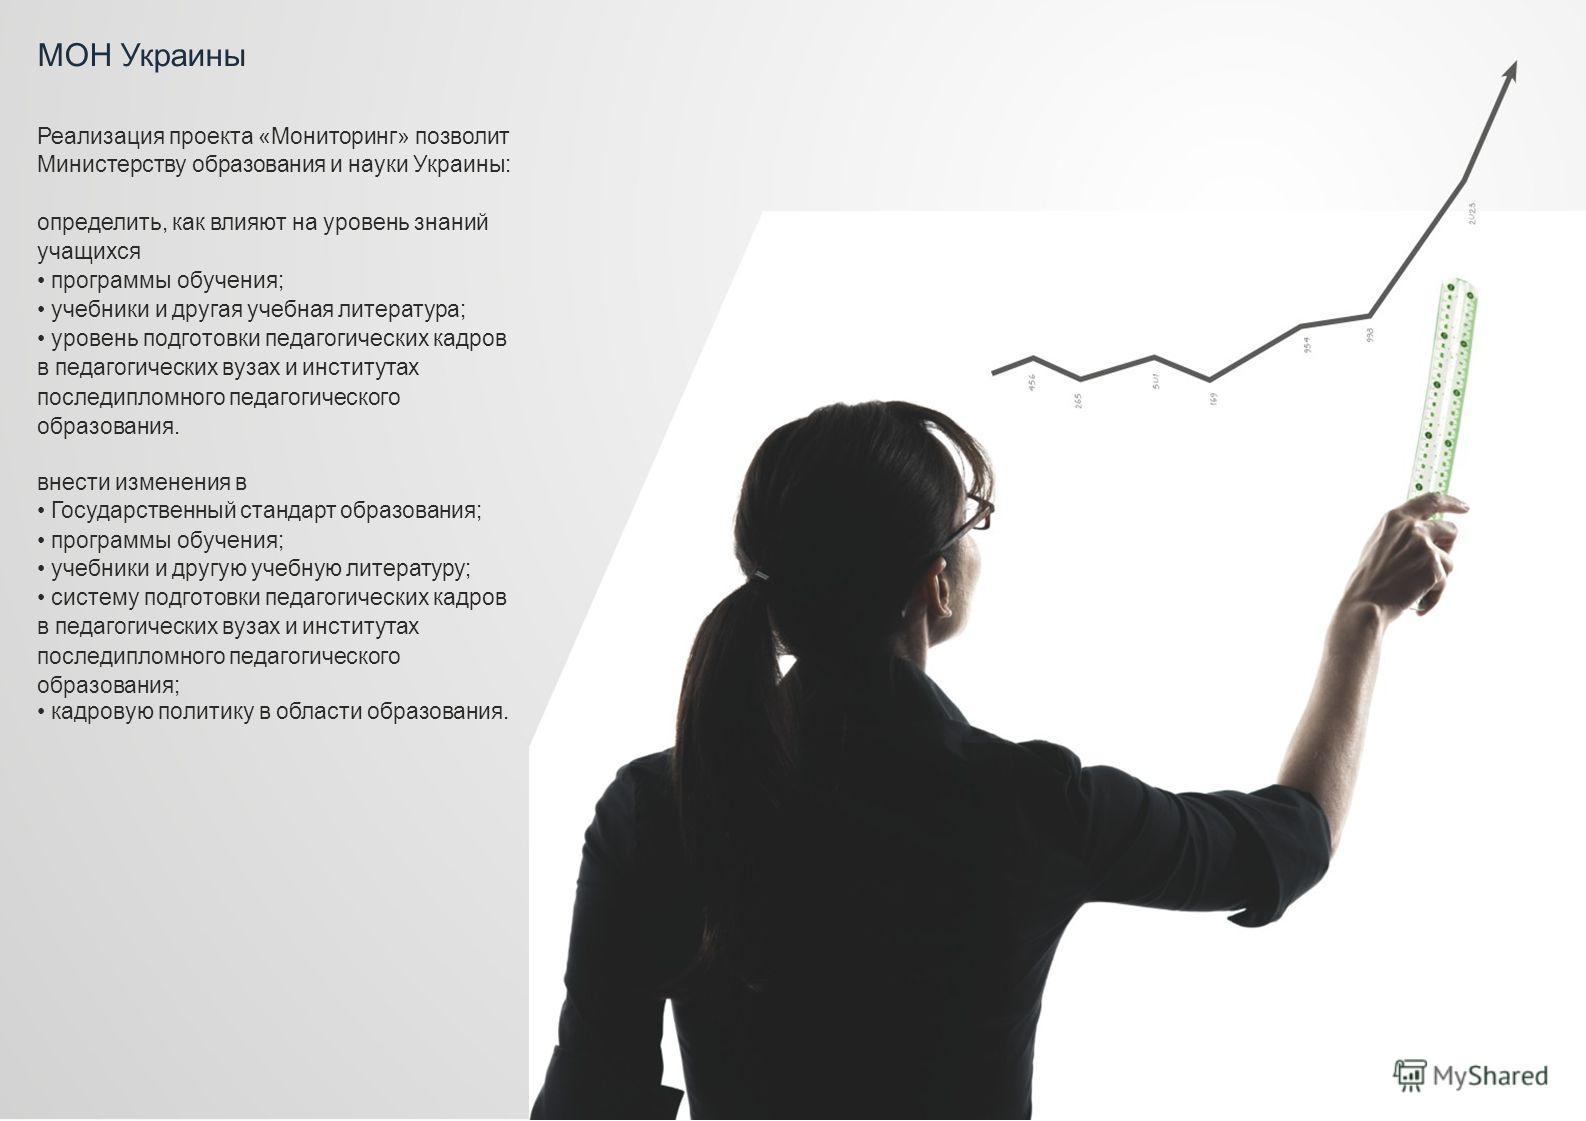 МОН Украины Реализация проекта «Мониторинг» позволит Министерству образования и науки Украины: определить, как влияют на уровень знаний учащихся программы обучения; учебники и другая учебная литература; уровень подготовки педагогических кадров в педа